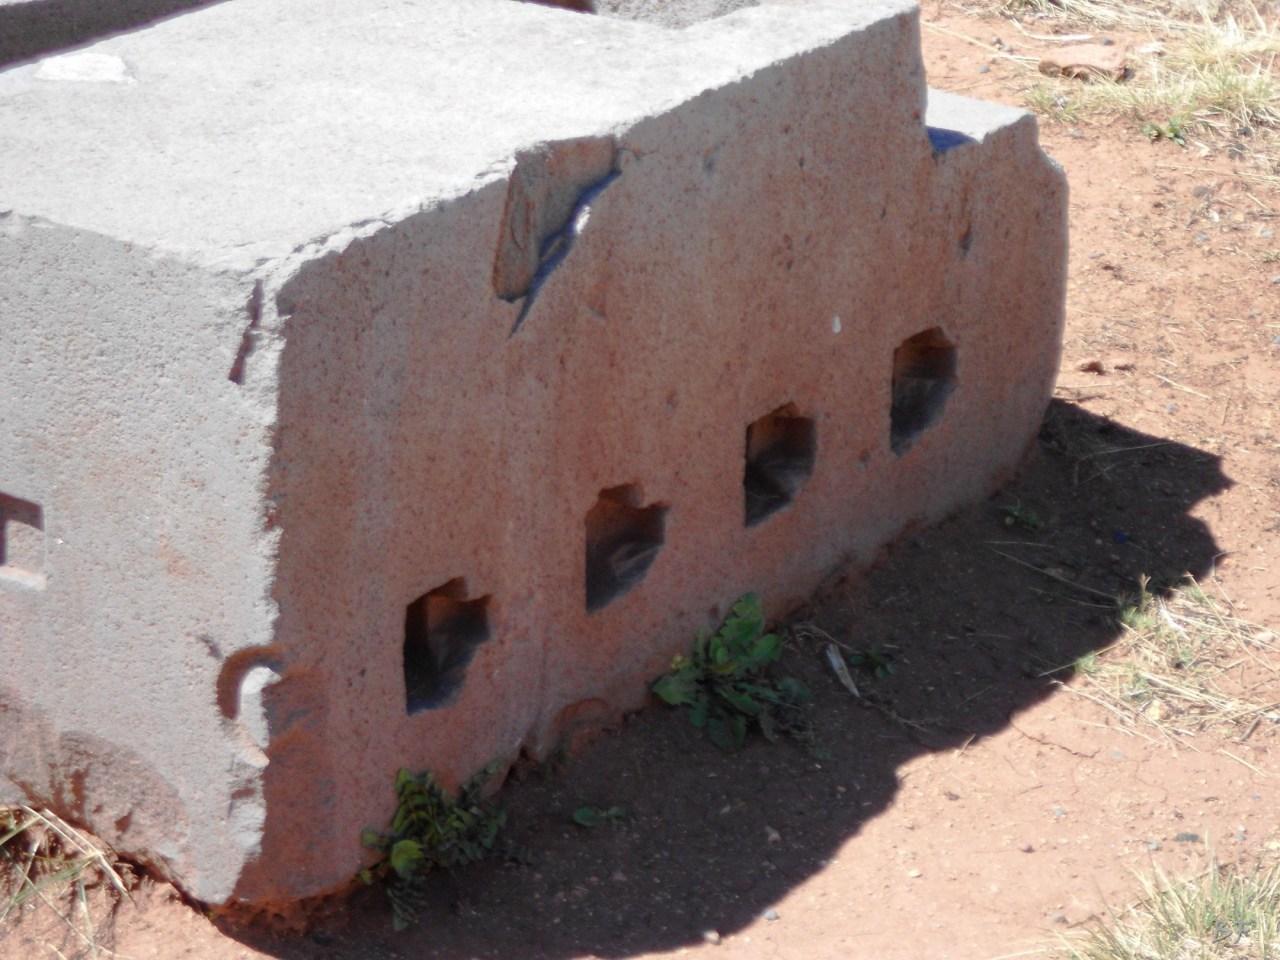 Puma-Punku-Area-Megalitica-Mura-Poligonali-Megaliti-Tiwanaku-Tiahuanaco-Bolivia-27